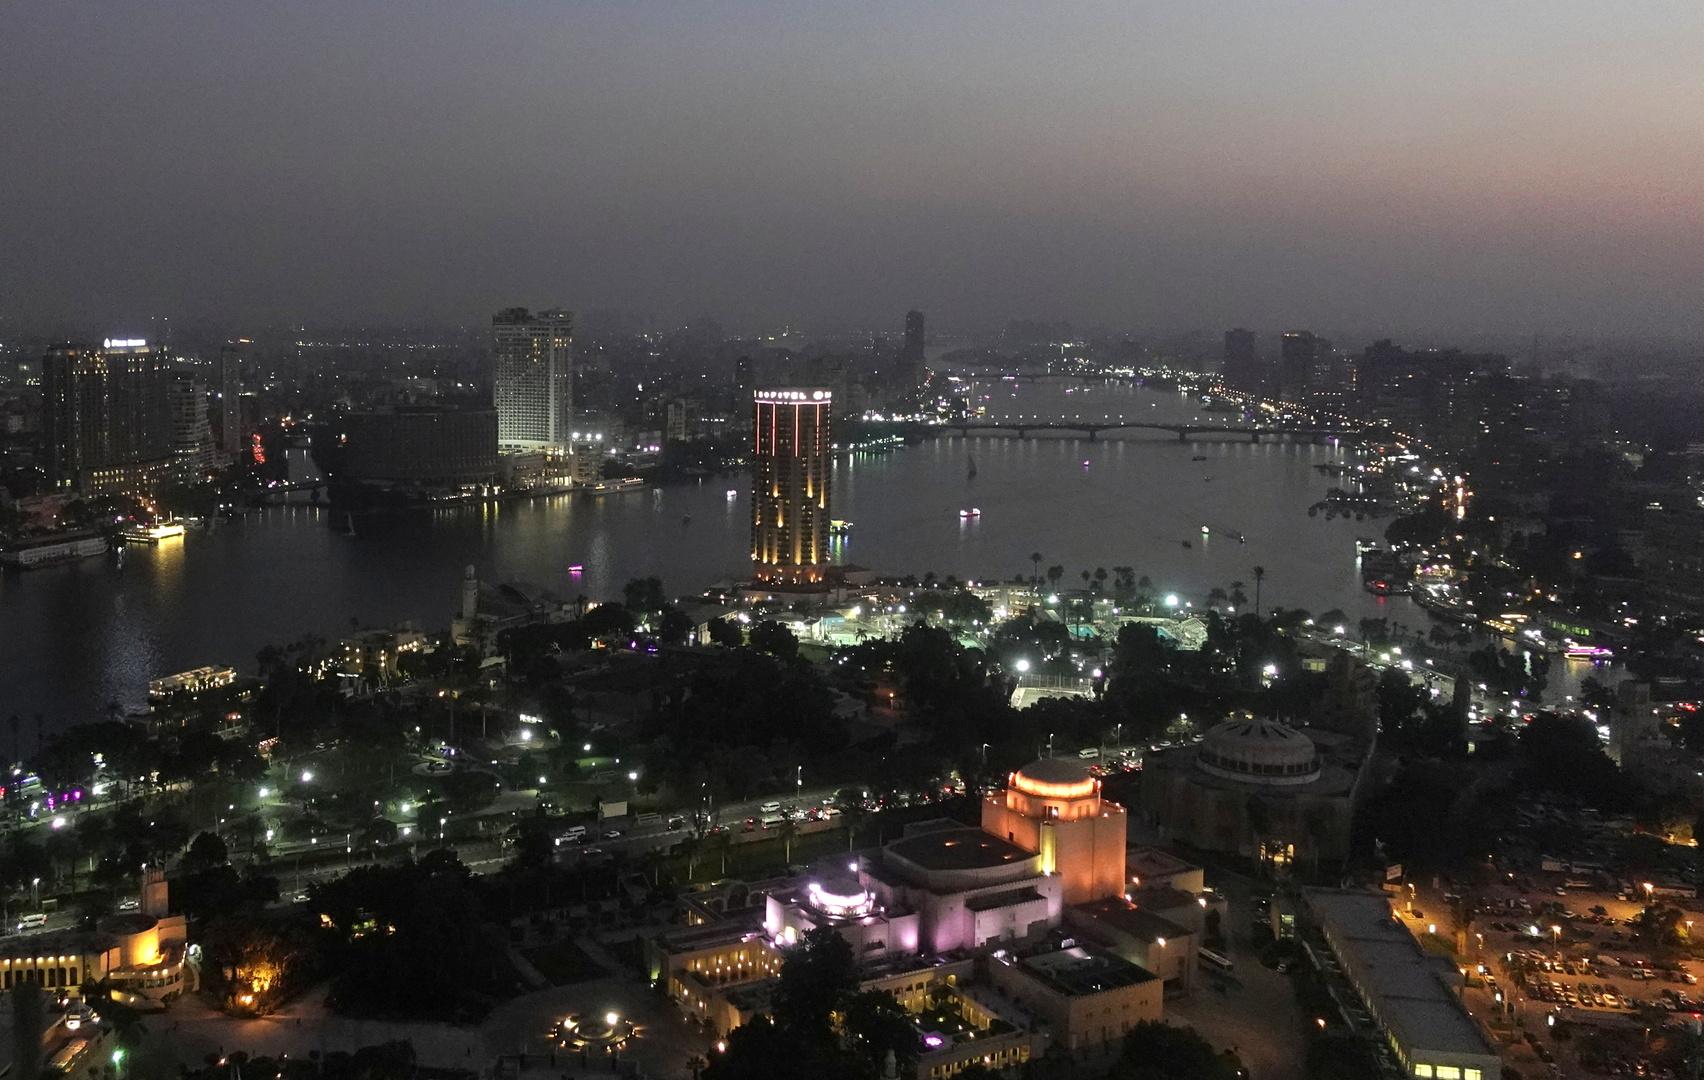 مصر تسجل 1169 إصابة و53 وفاة جديدة بكورونا